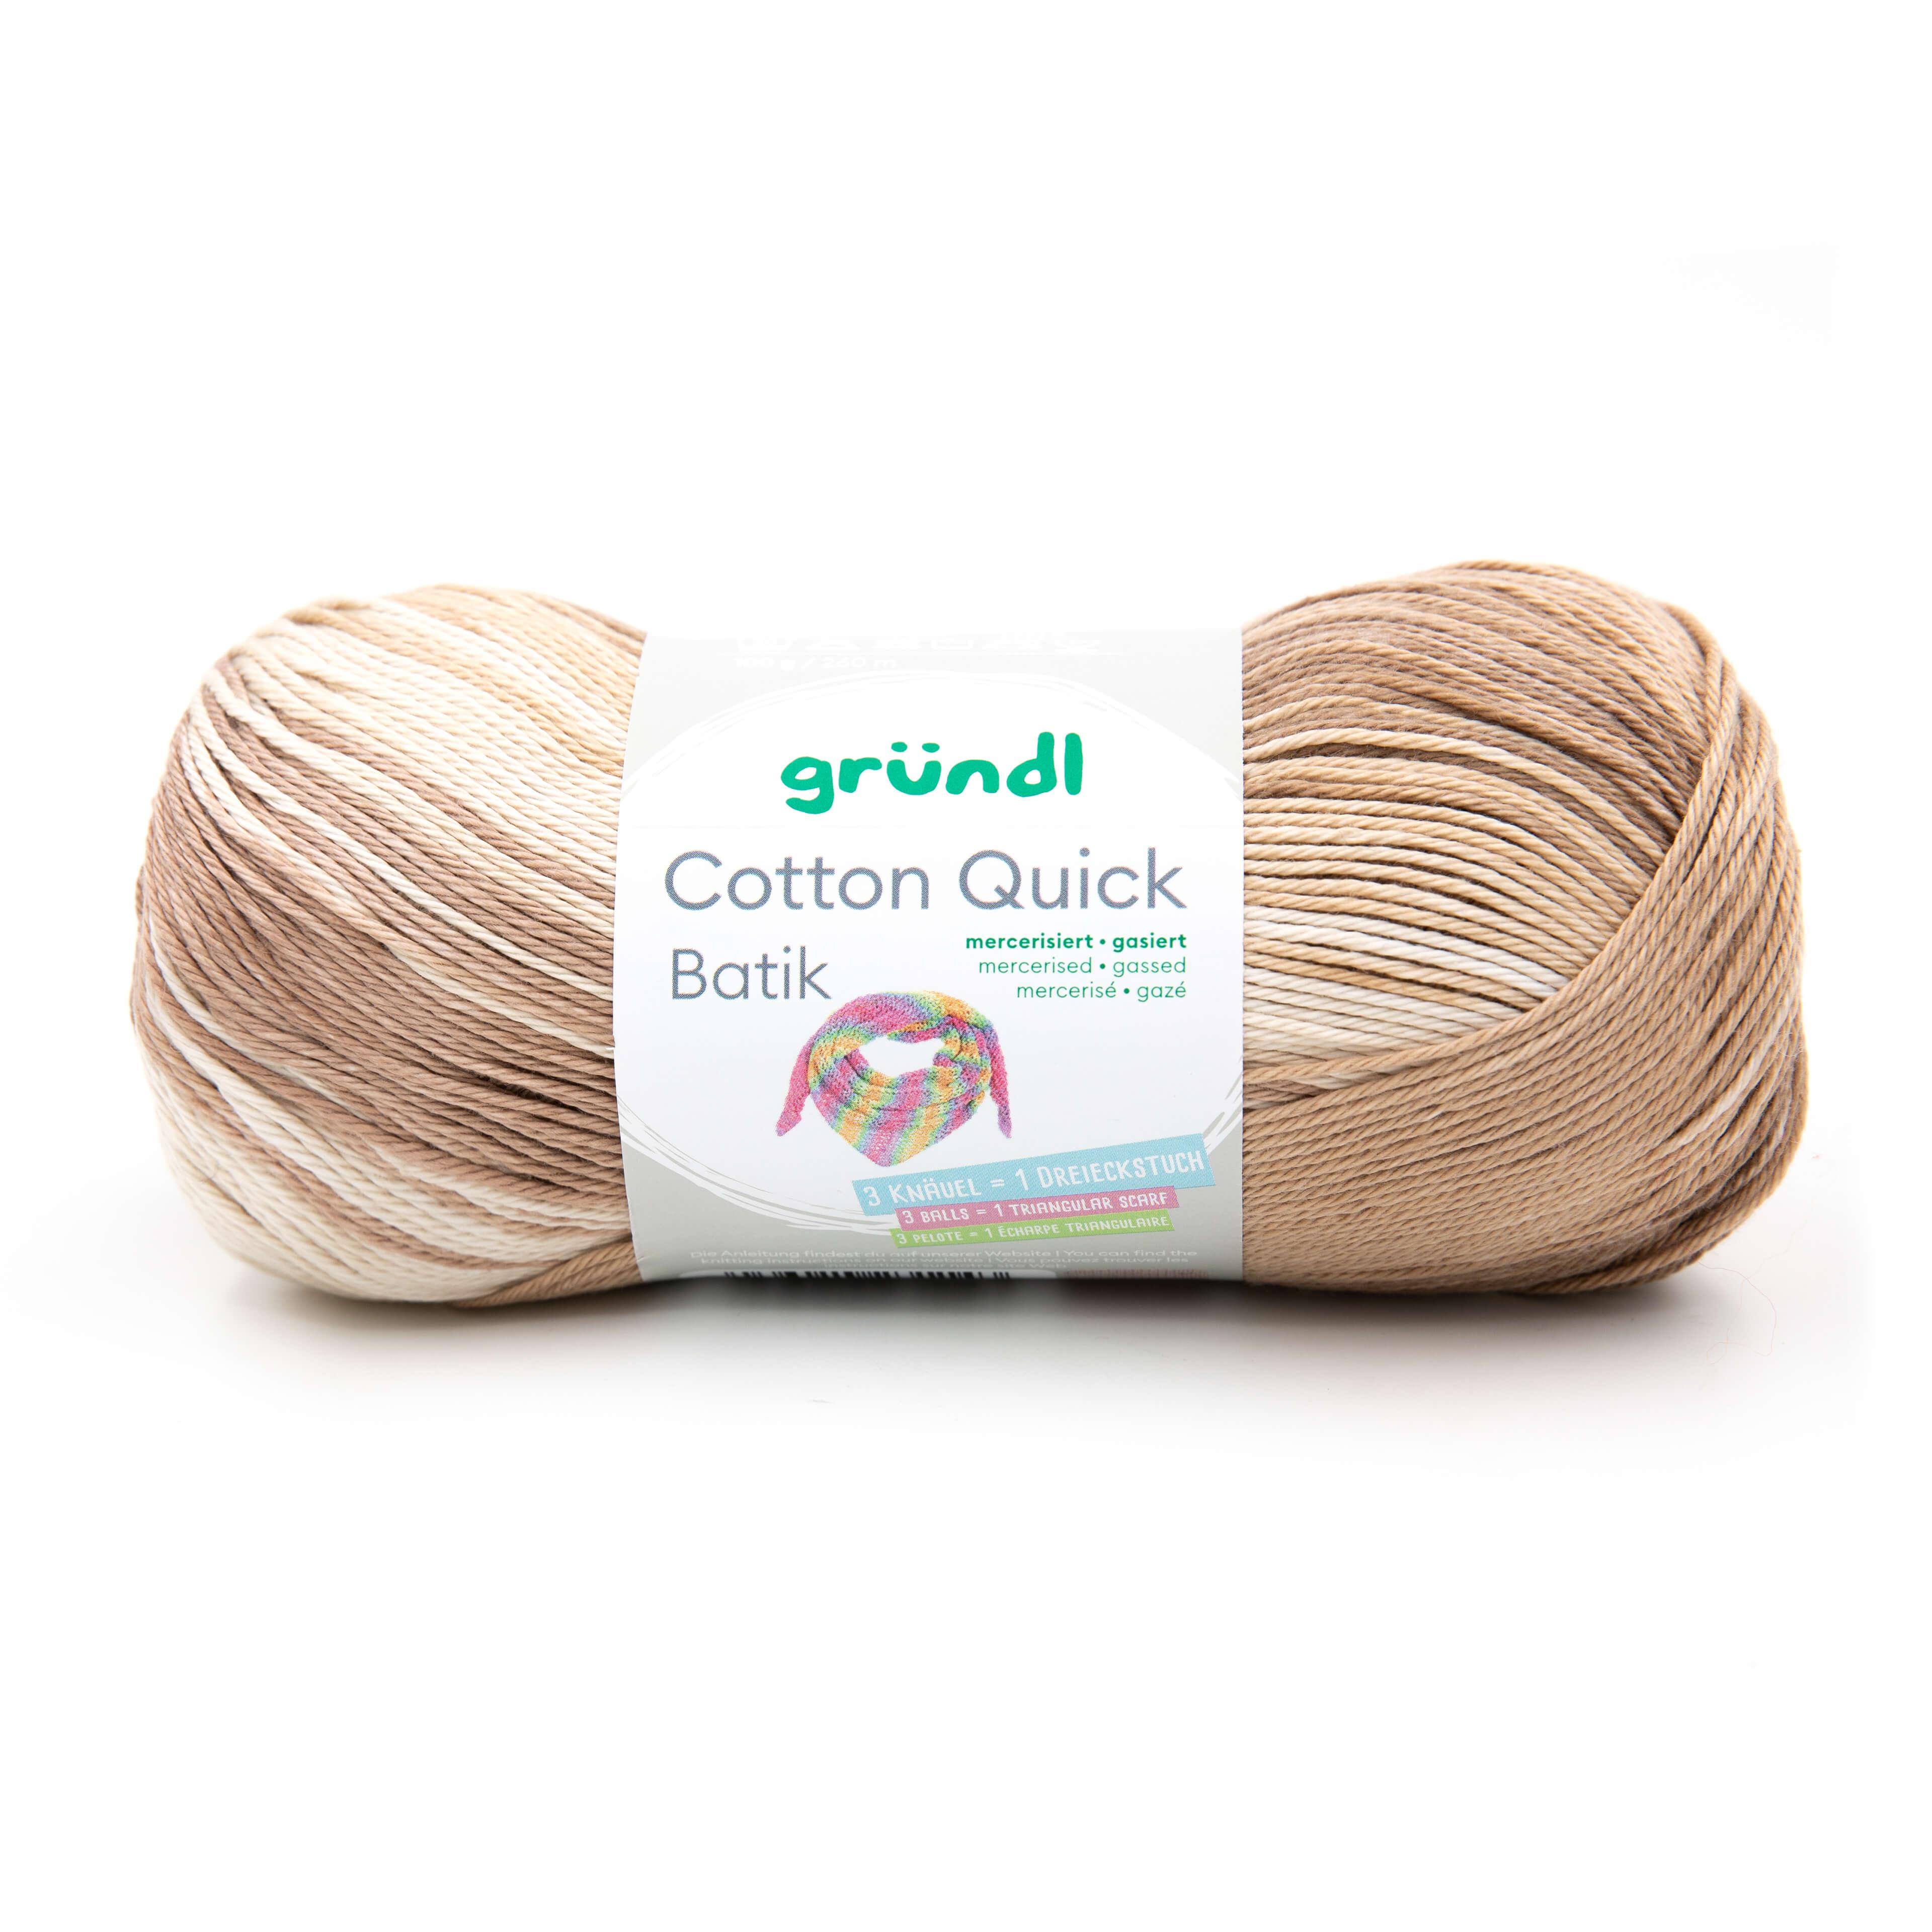 Cotton Quick Batik